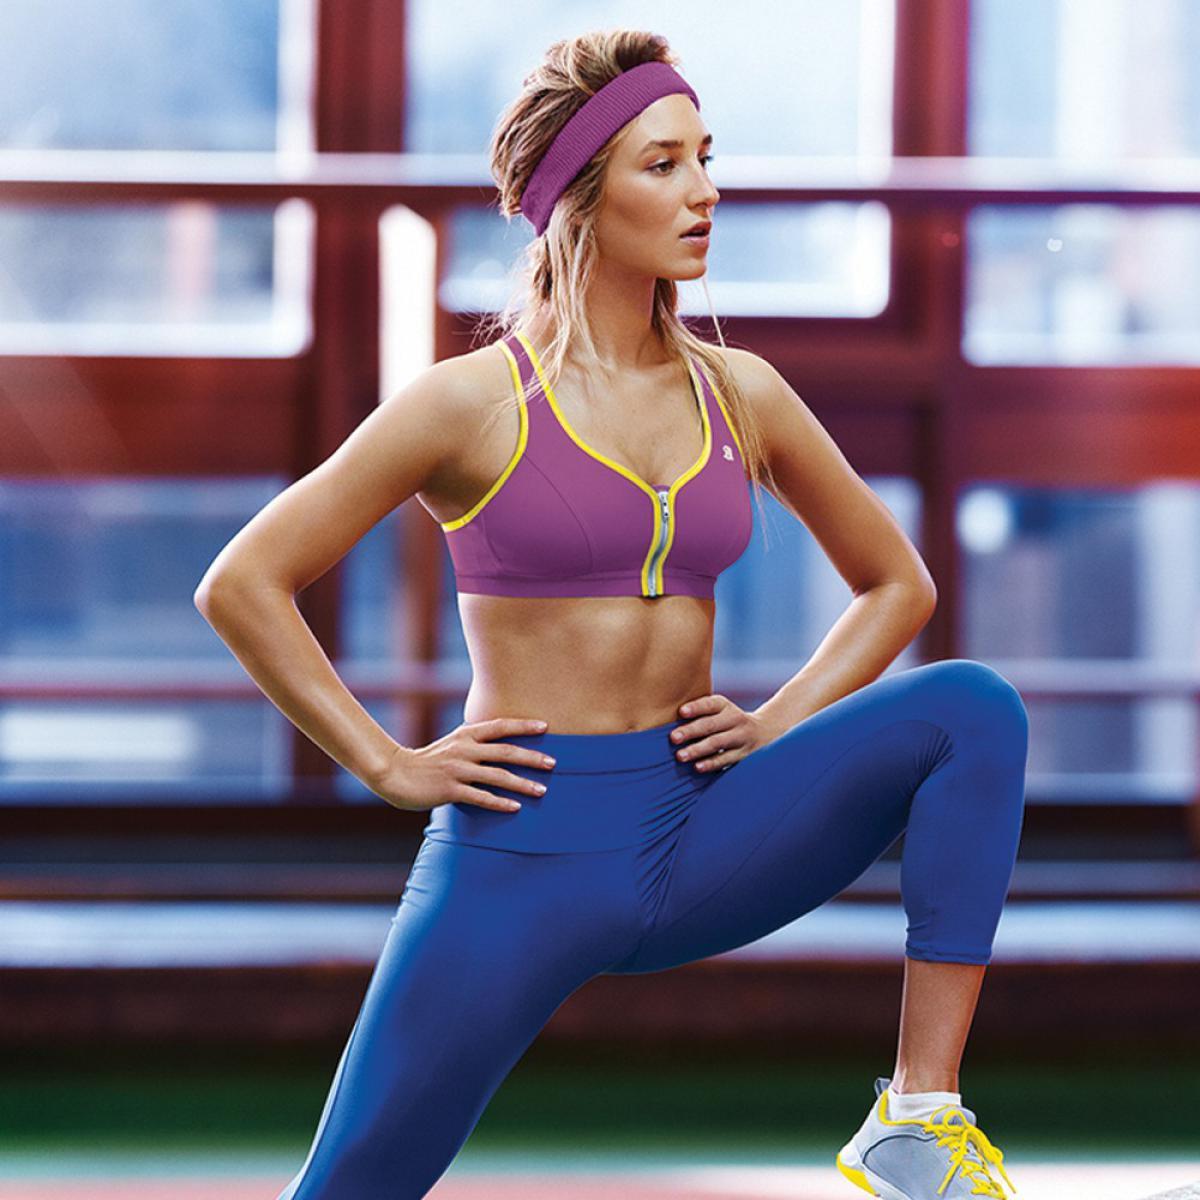 Спортивный бюстгальтер для фитнеса